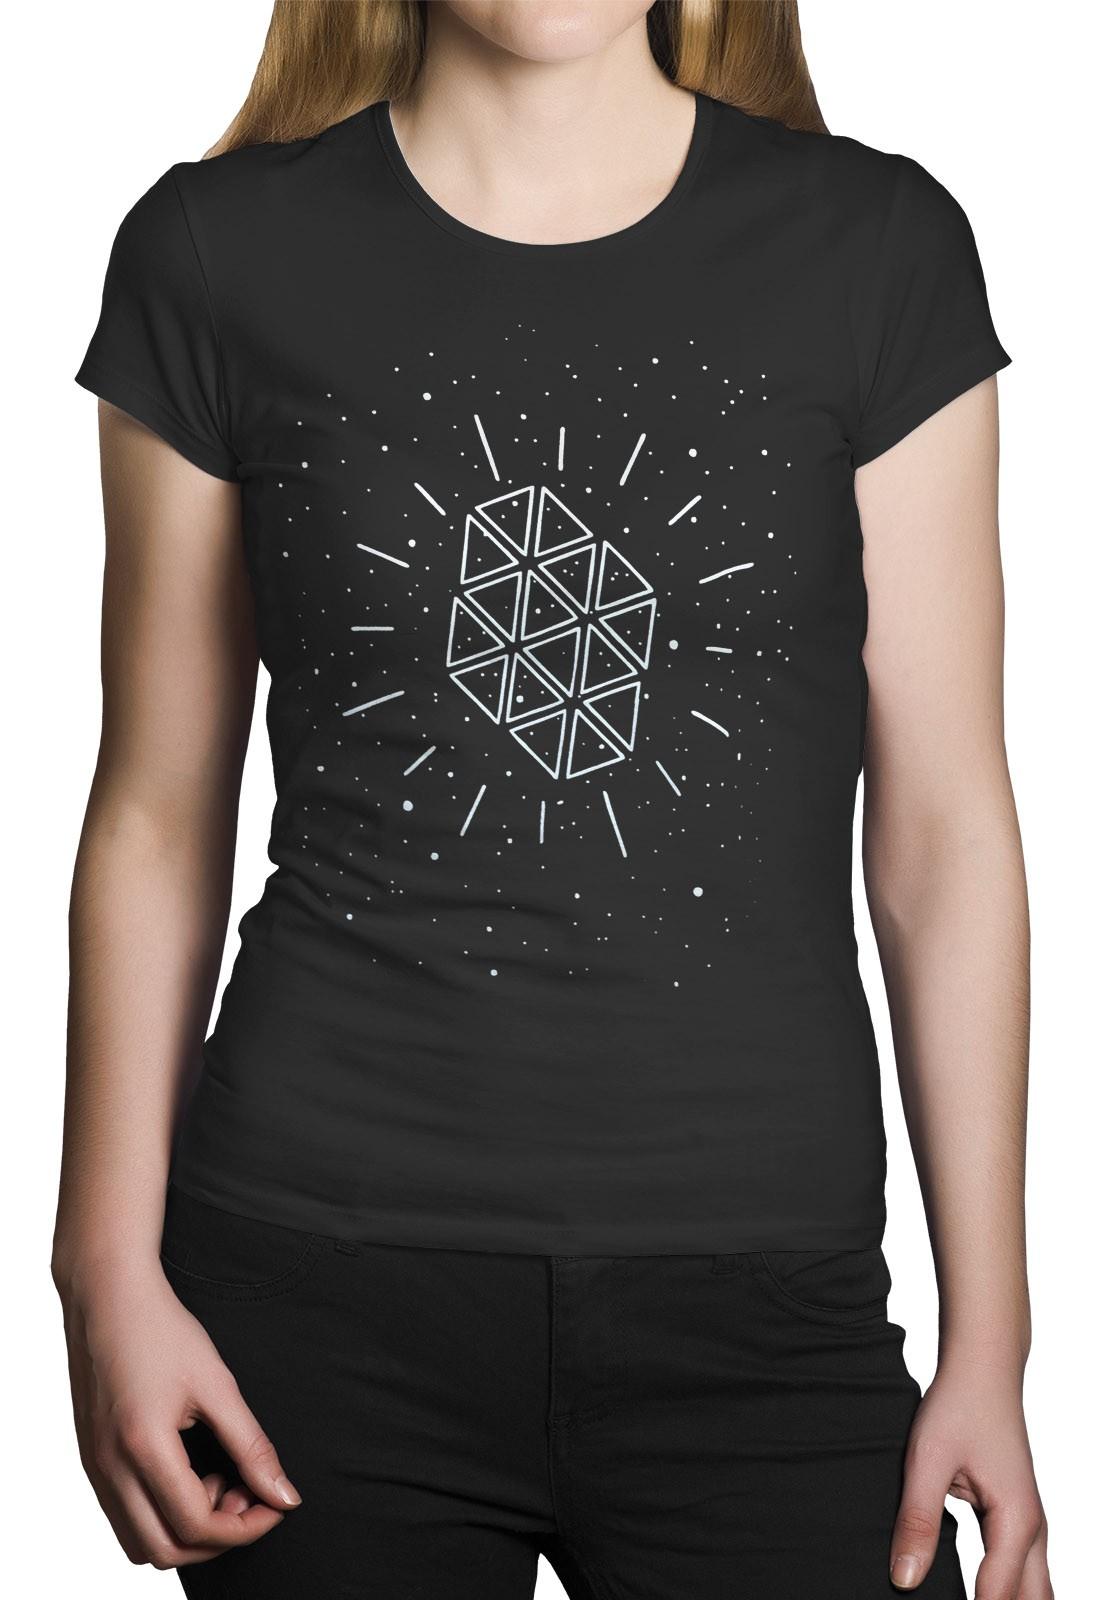 Camiseta HShop Galáxia Cinza  - HShop